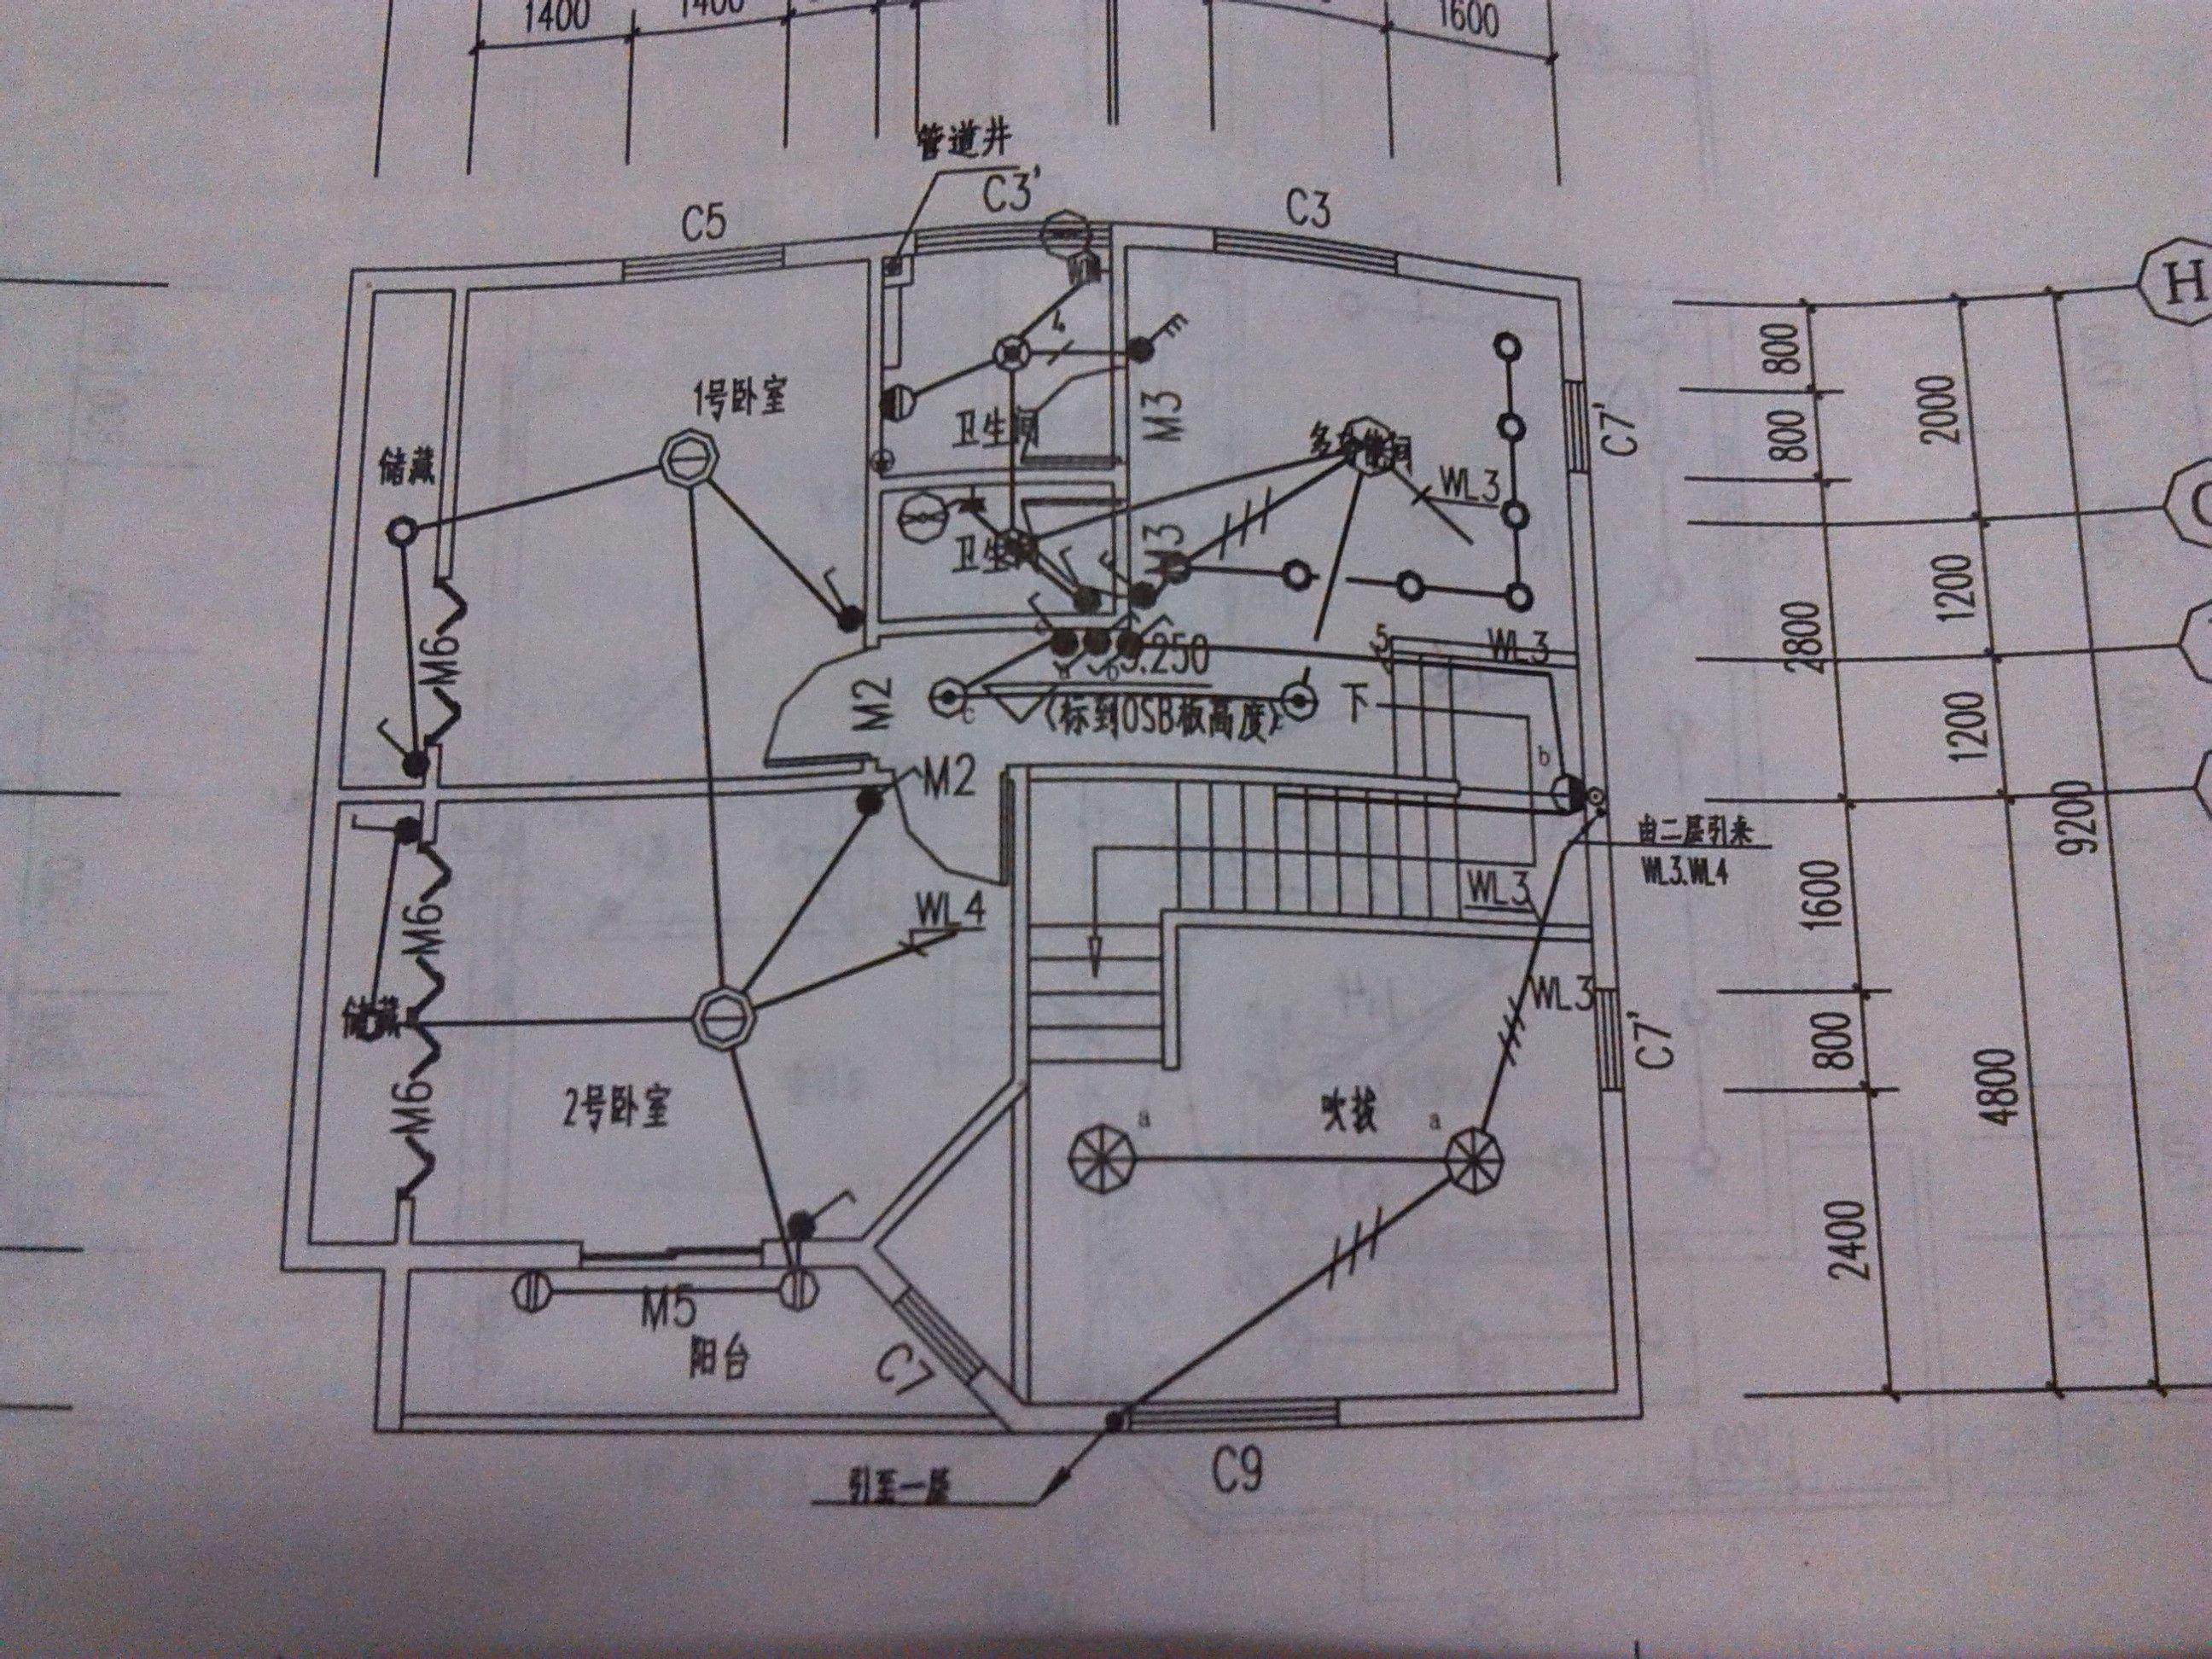 塔吊电路配线图